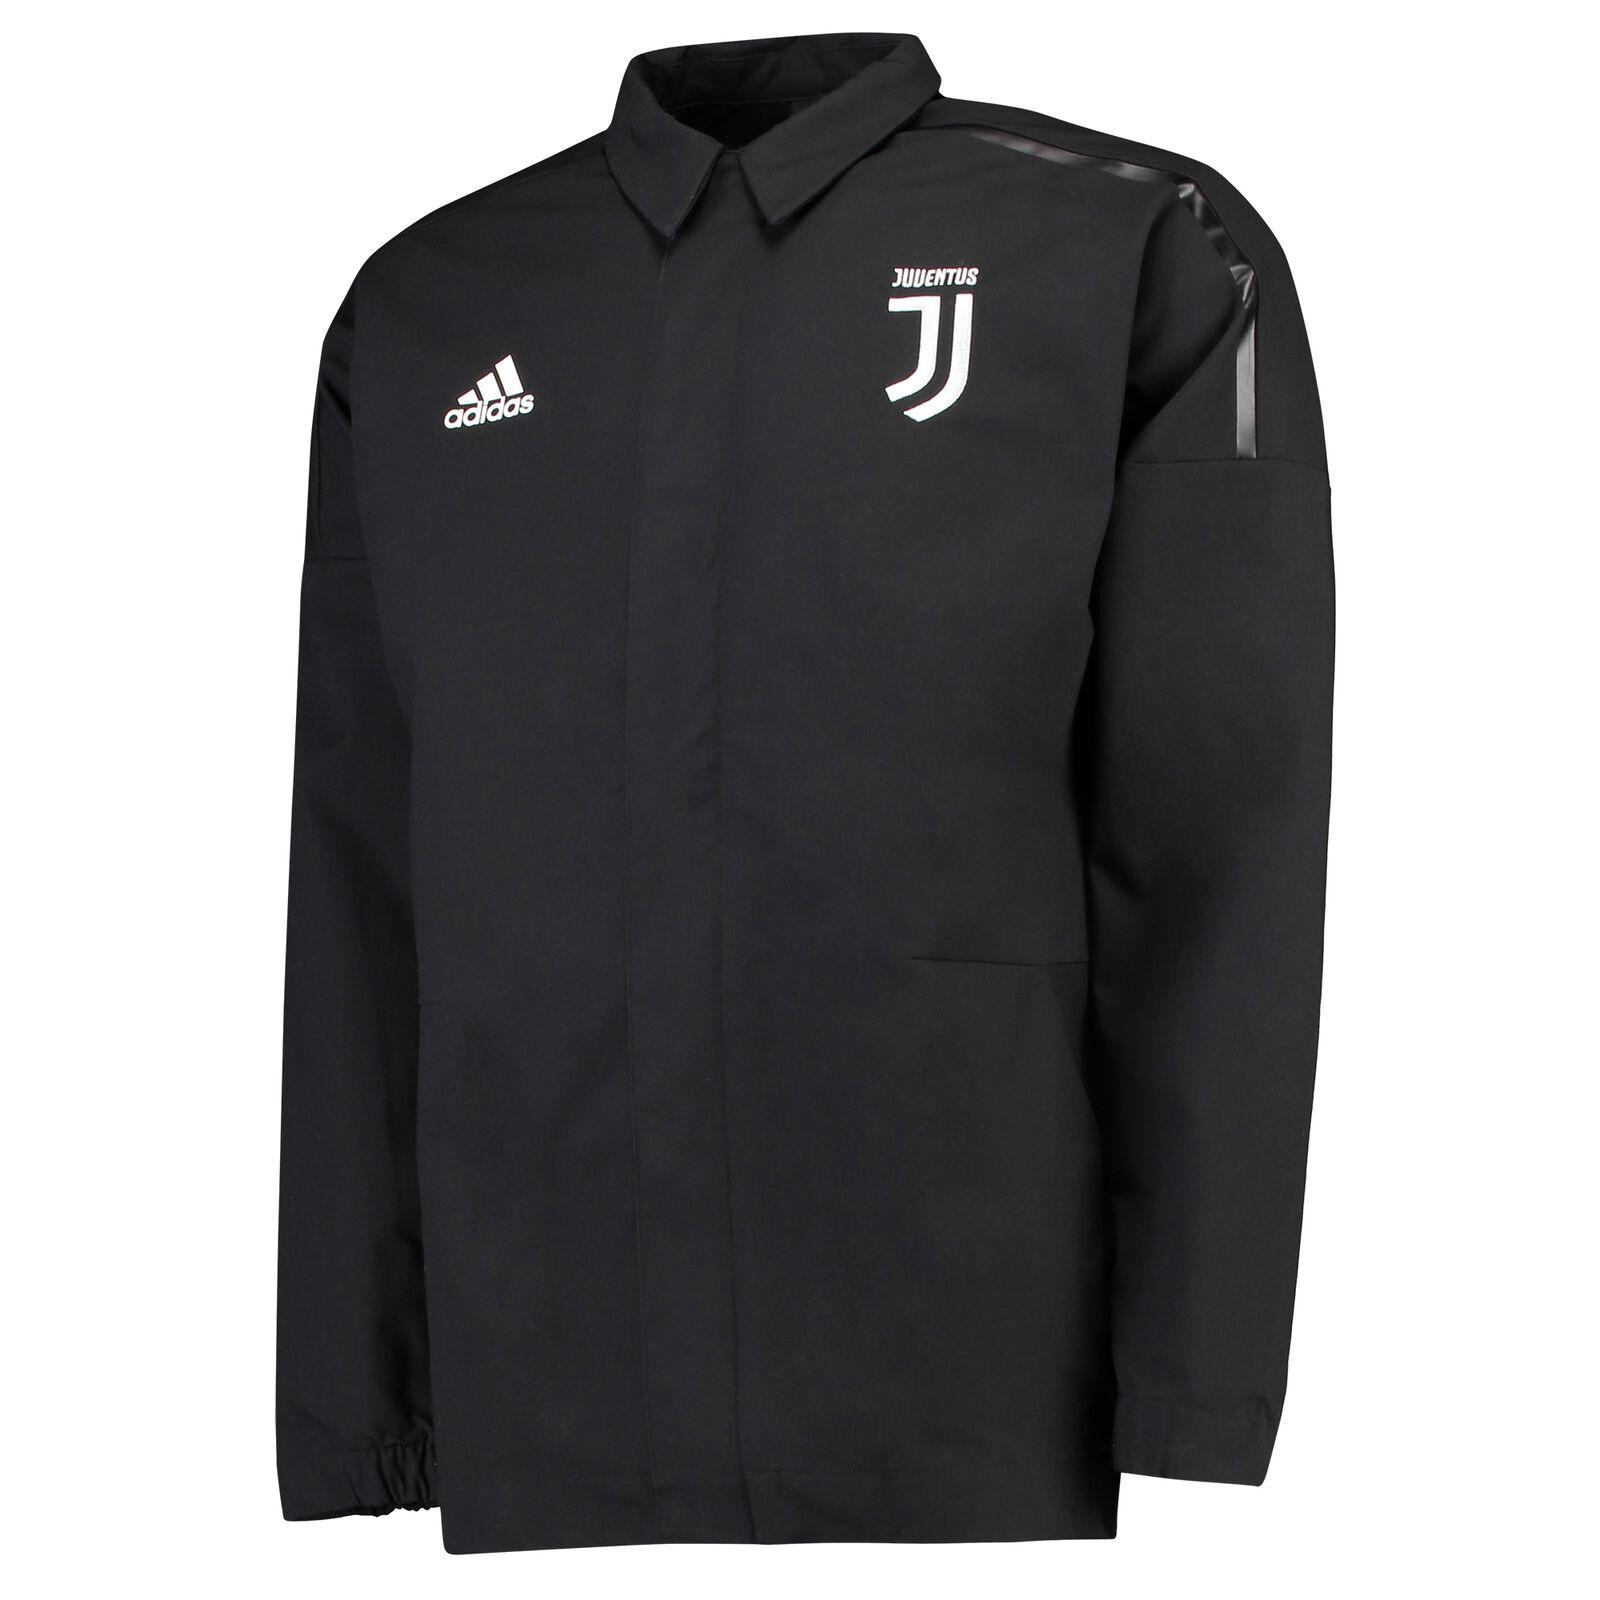 Juventus Fußball ZNE Woven Anthem Jacke Schwarz Sportjacke Top Herren adidas